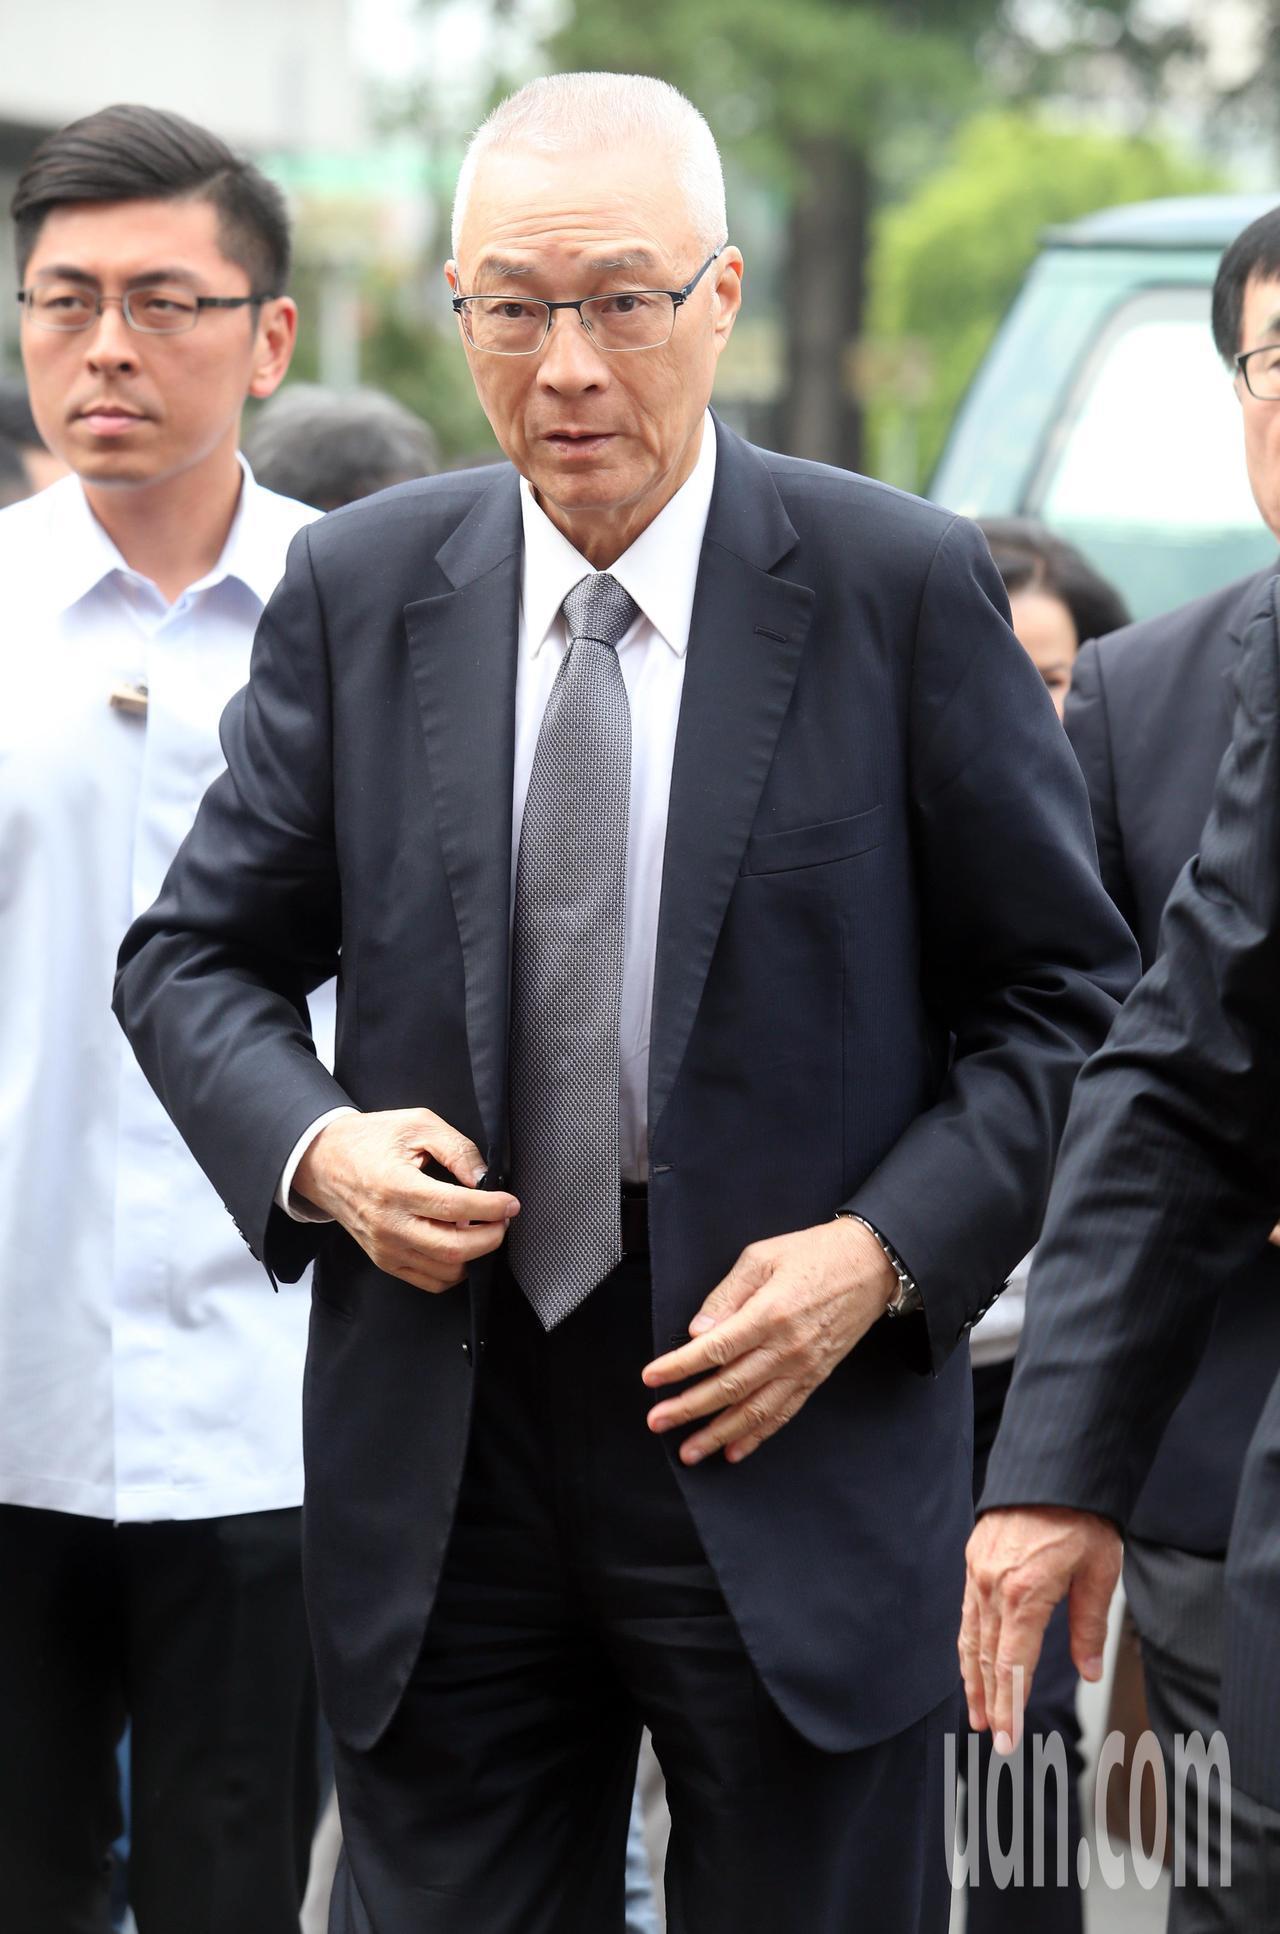 國民黨主席吳敦義與夫人蔡令怡現身姚武年告別式會場,總統蔡英文已先一步離開,也未與...